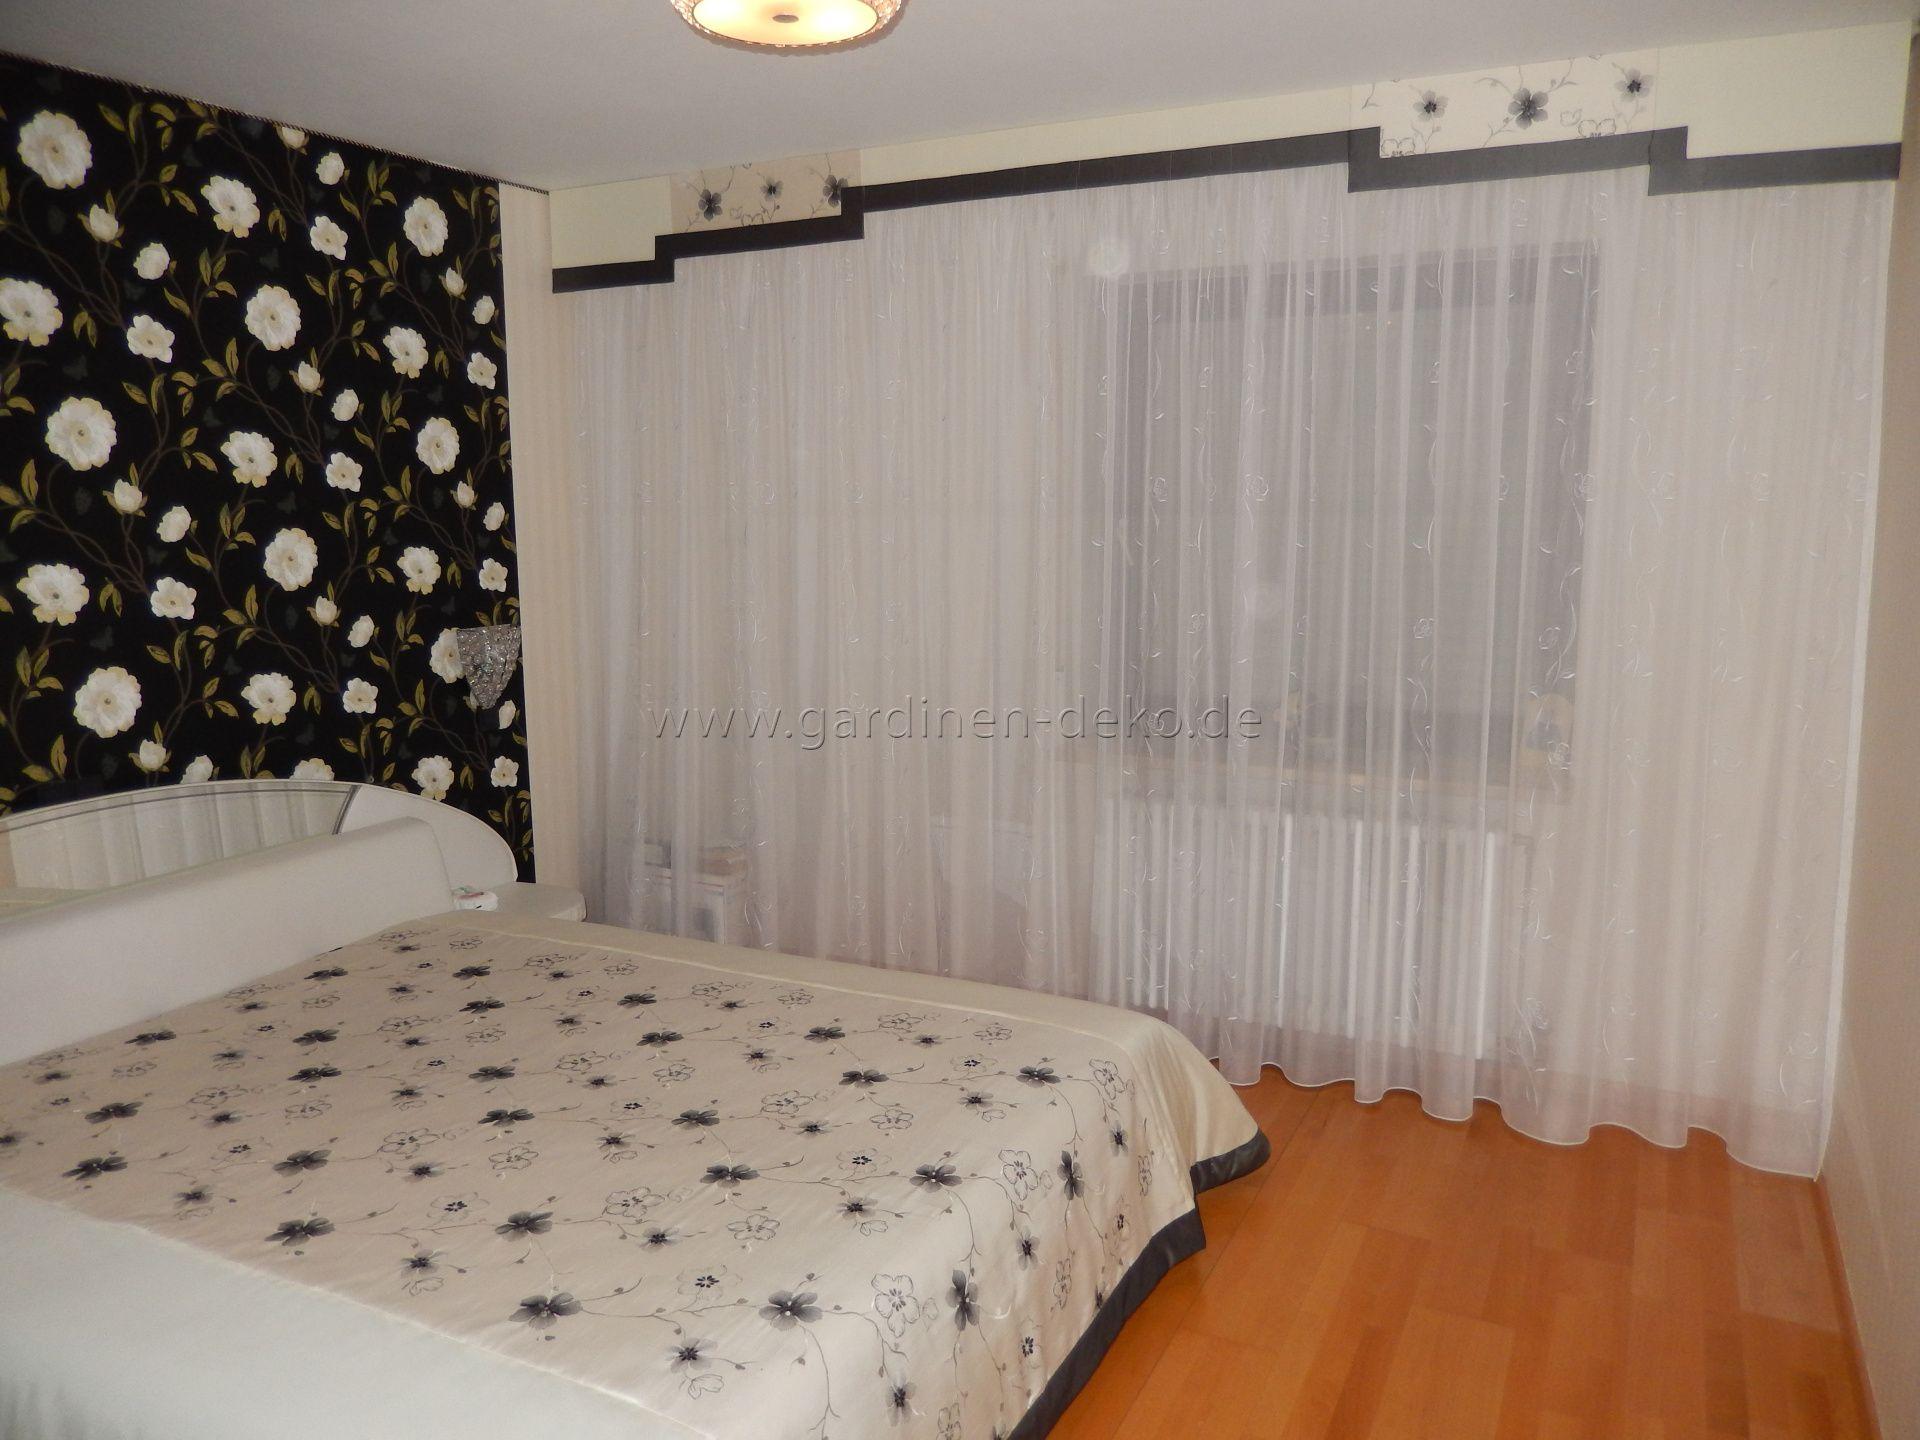 pin von gretzinger fensterdeko auf unsere arbeiten pinterest vorh nge blumenmuster und gardinen. Black Bedroom Furniture Sets. Home Design Ideas